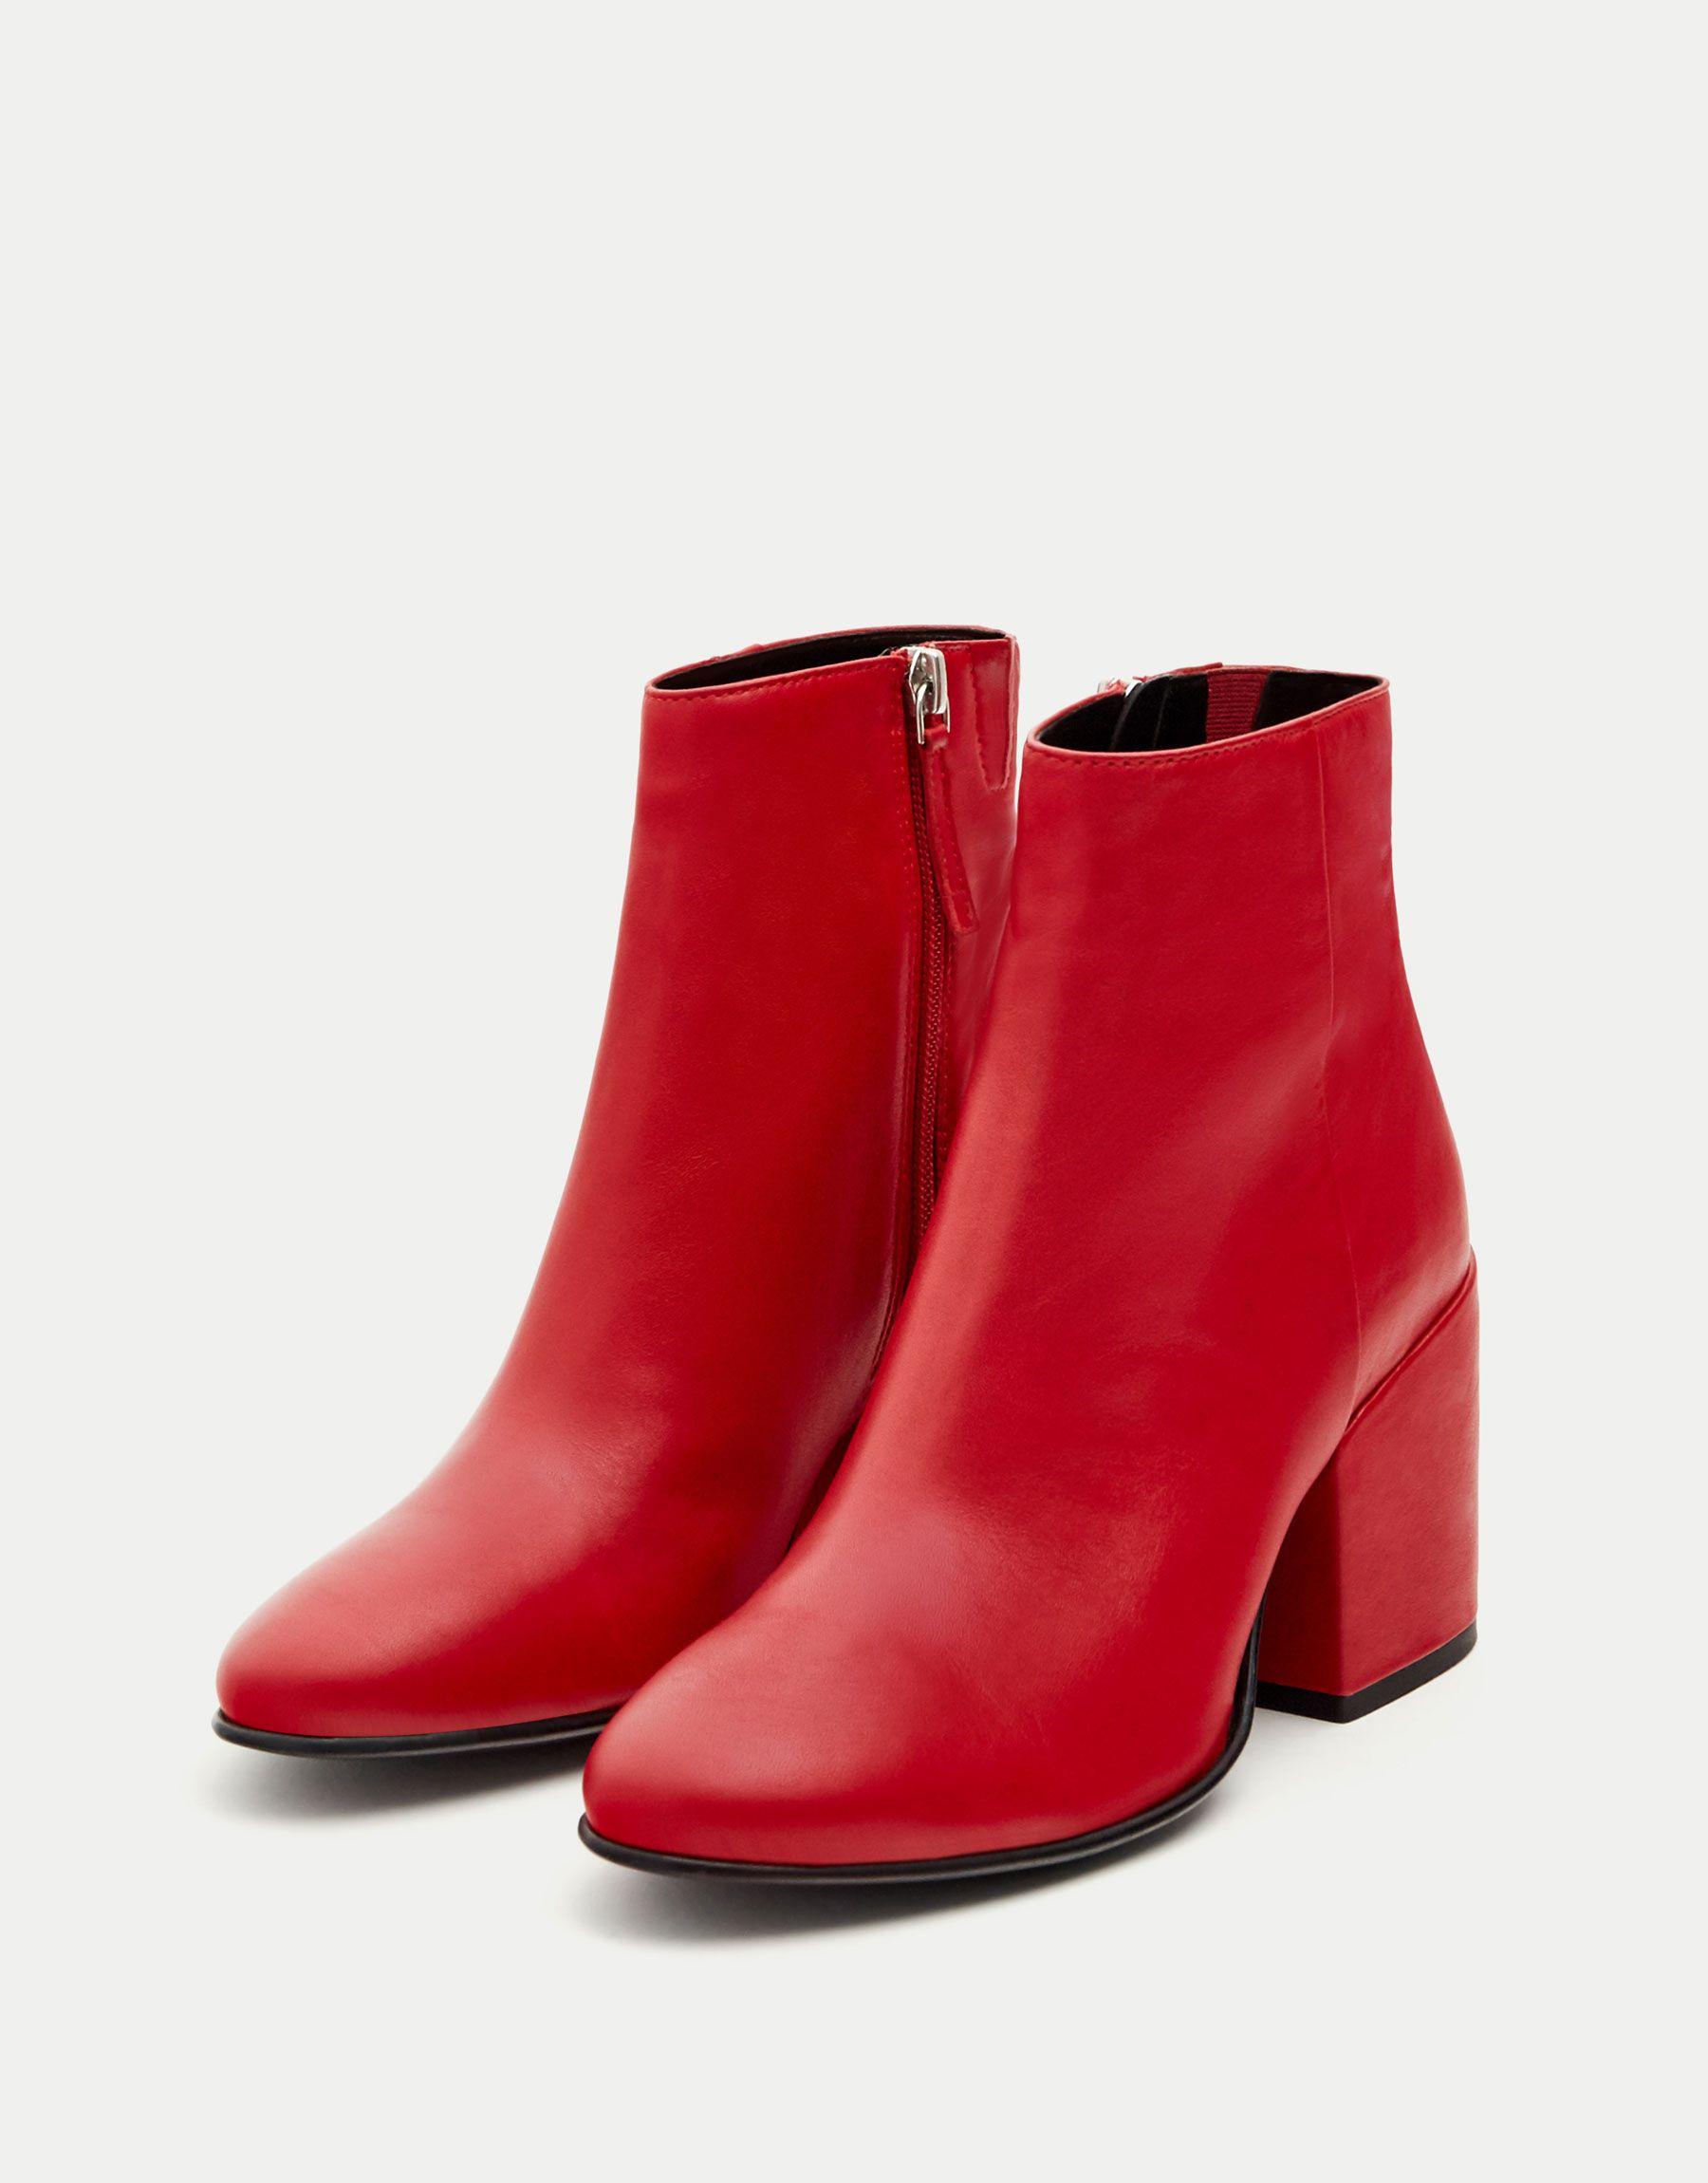 Cuir Chaussures Bottines À Talon Rouge Femme Bottine qUMVpGzS